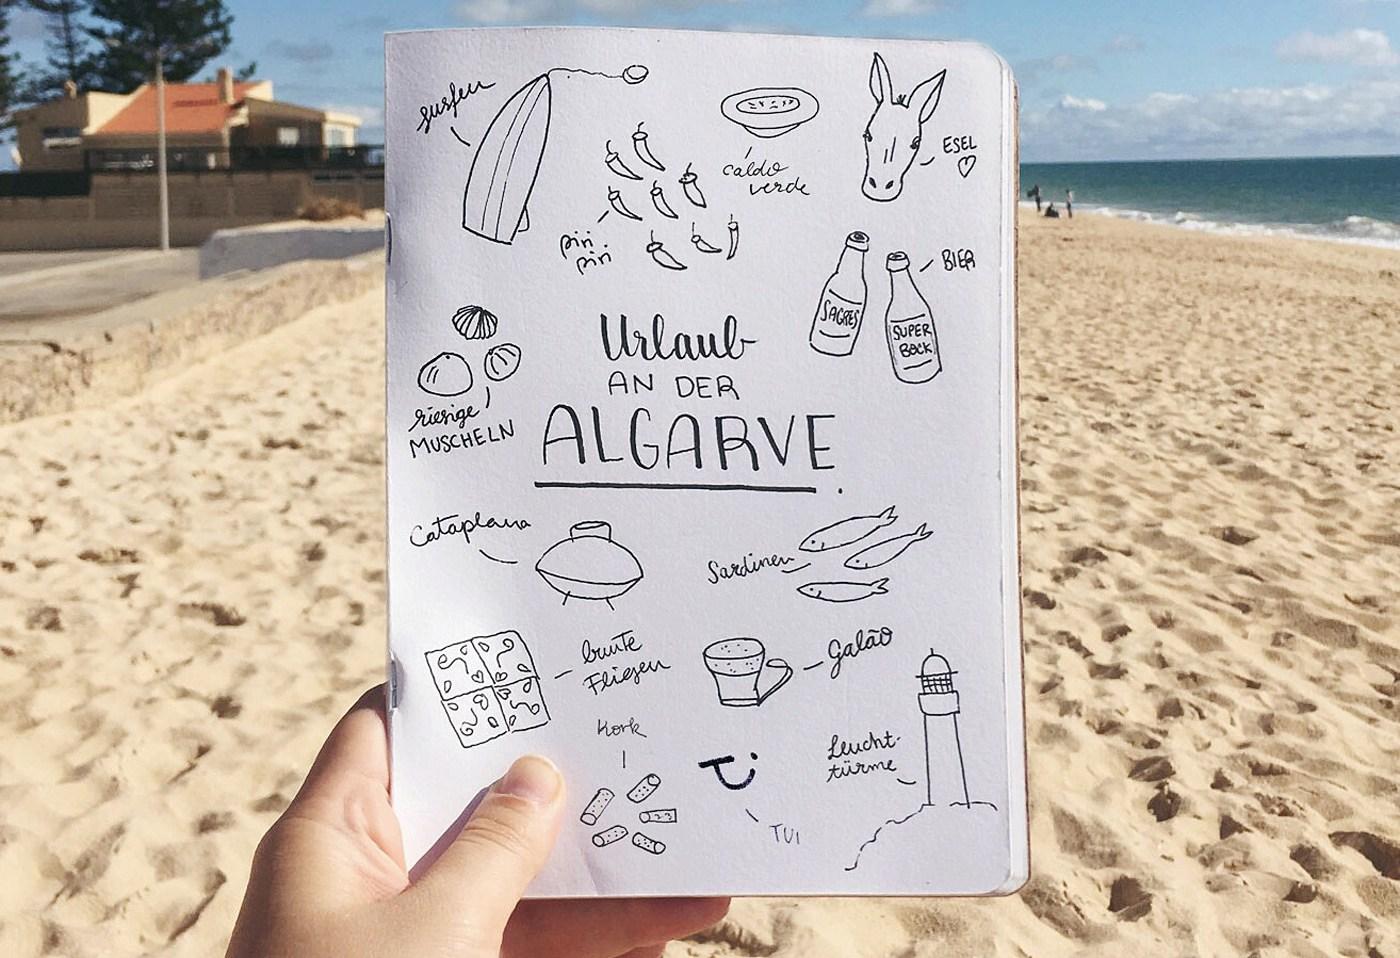 Mein Aufenthalt an der Algarve in einem Bild